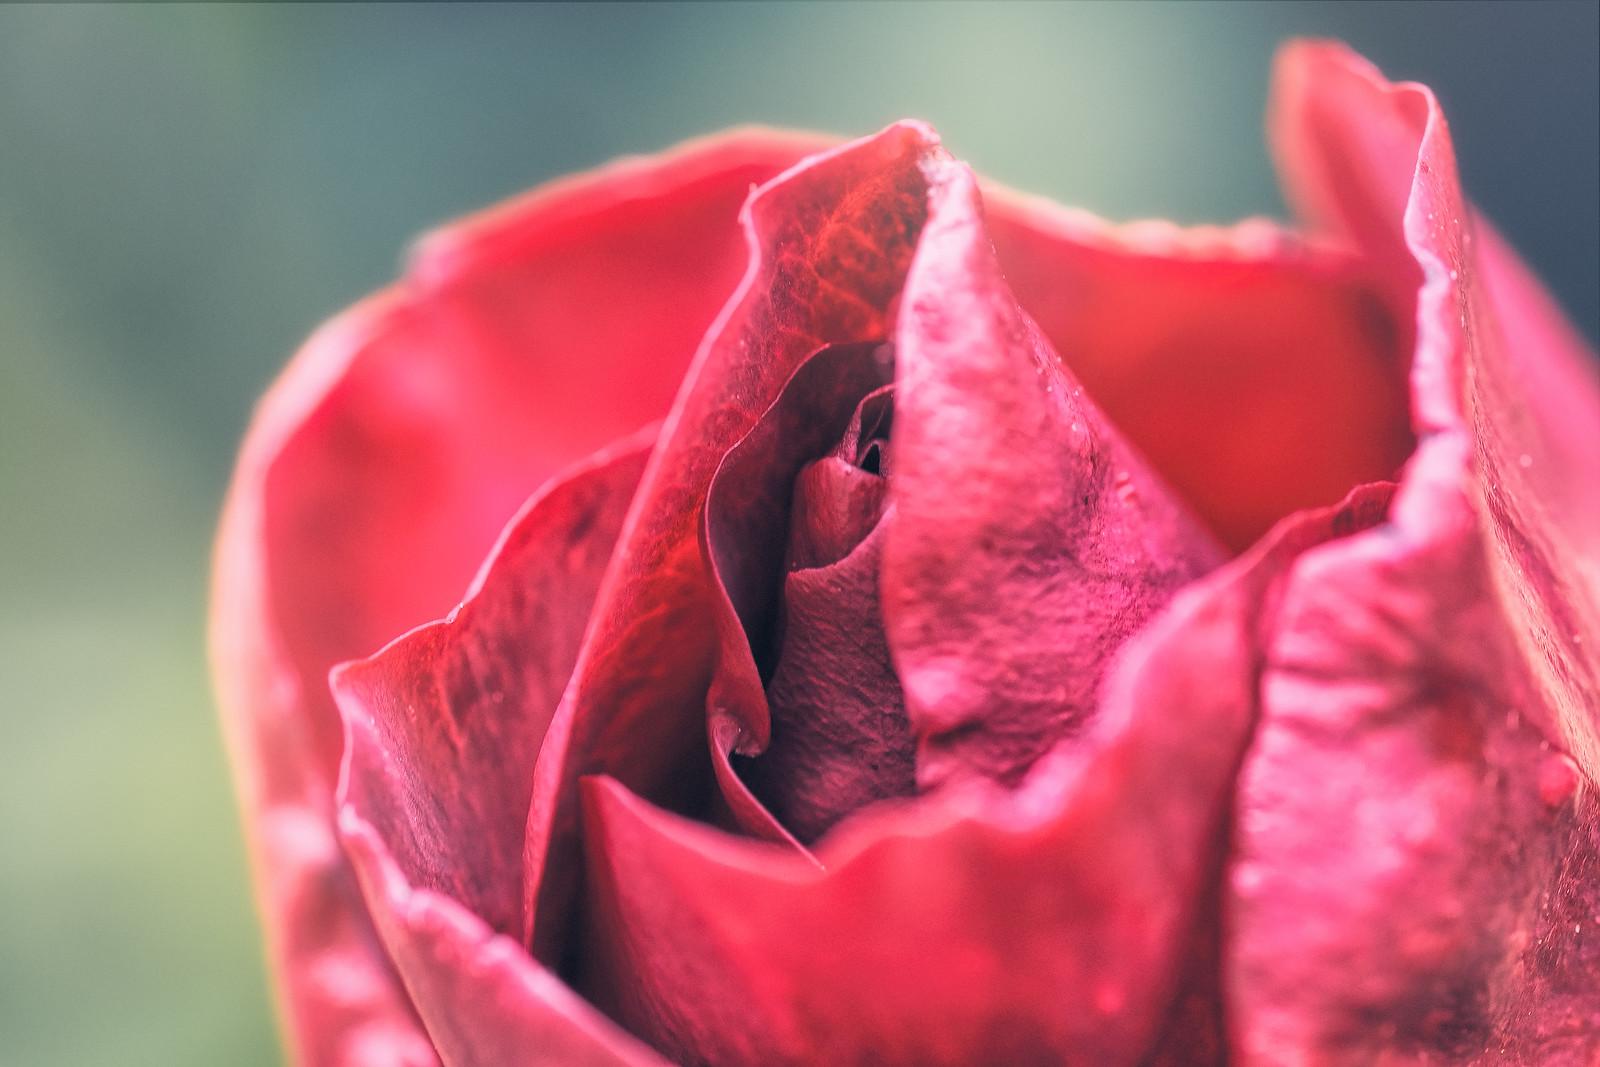 Red Roses Flower